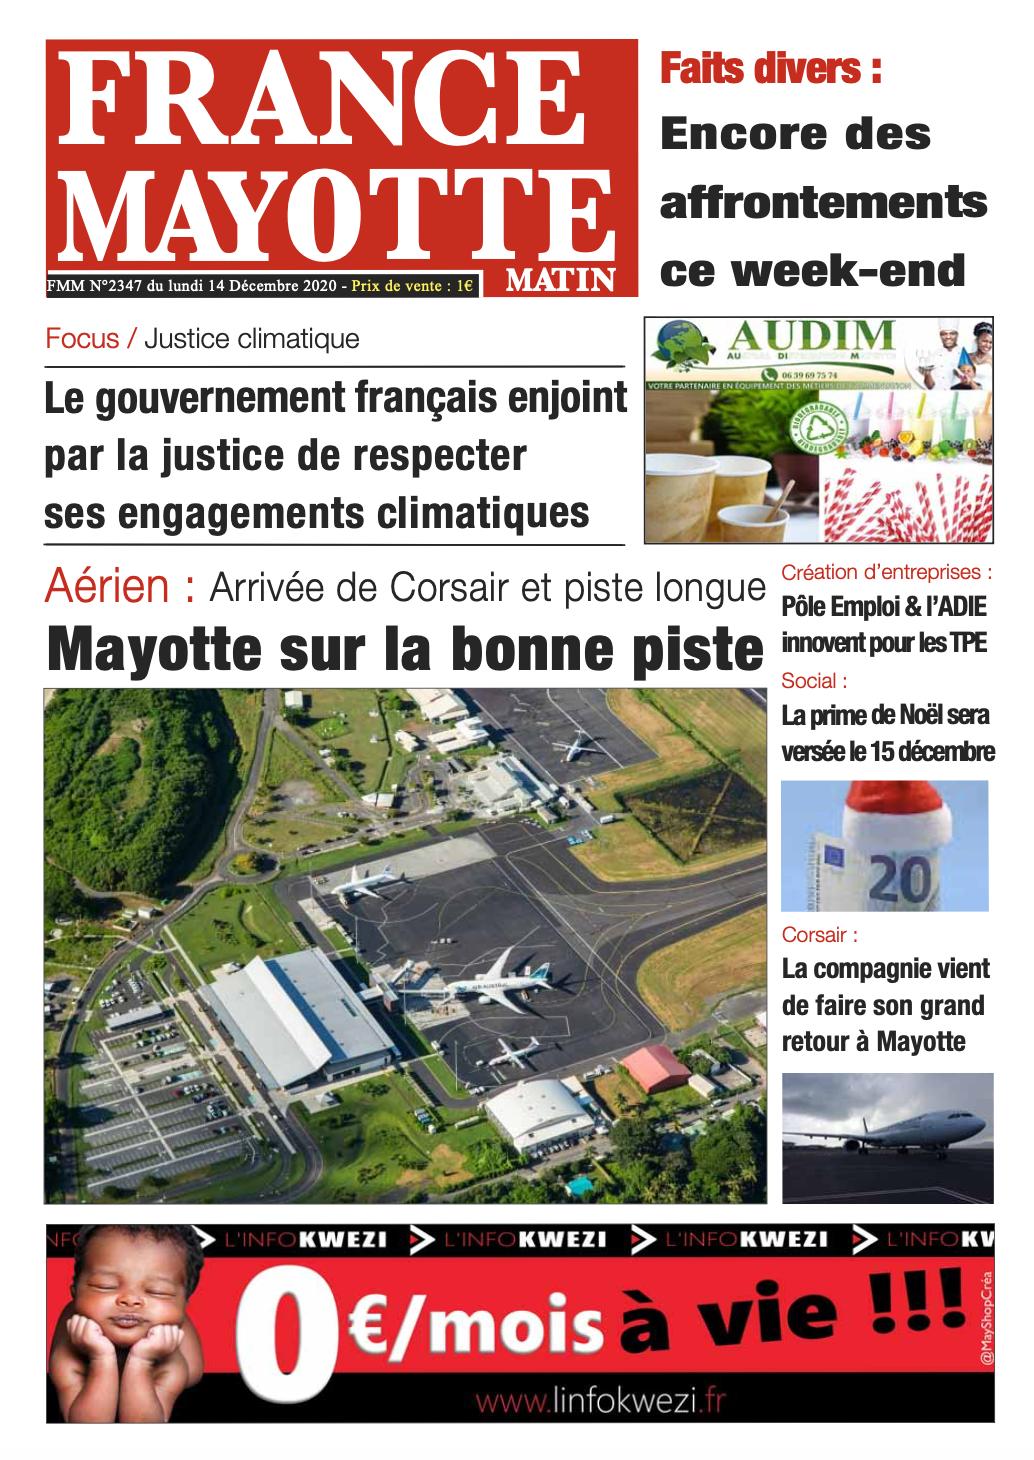 France Mayotte Lundi 14 décembre 2020